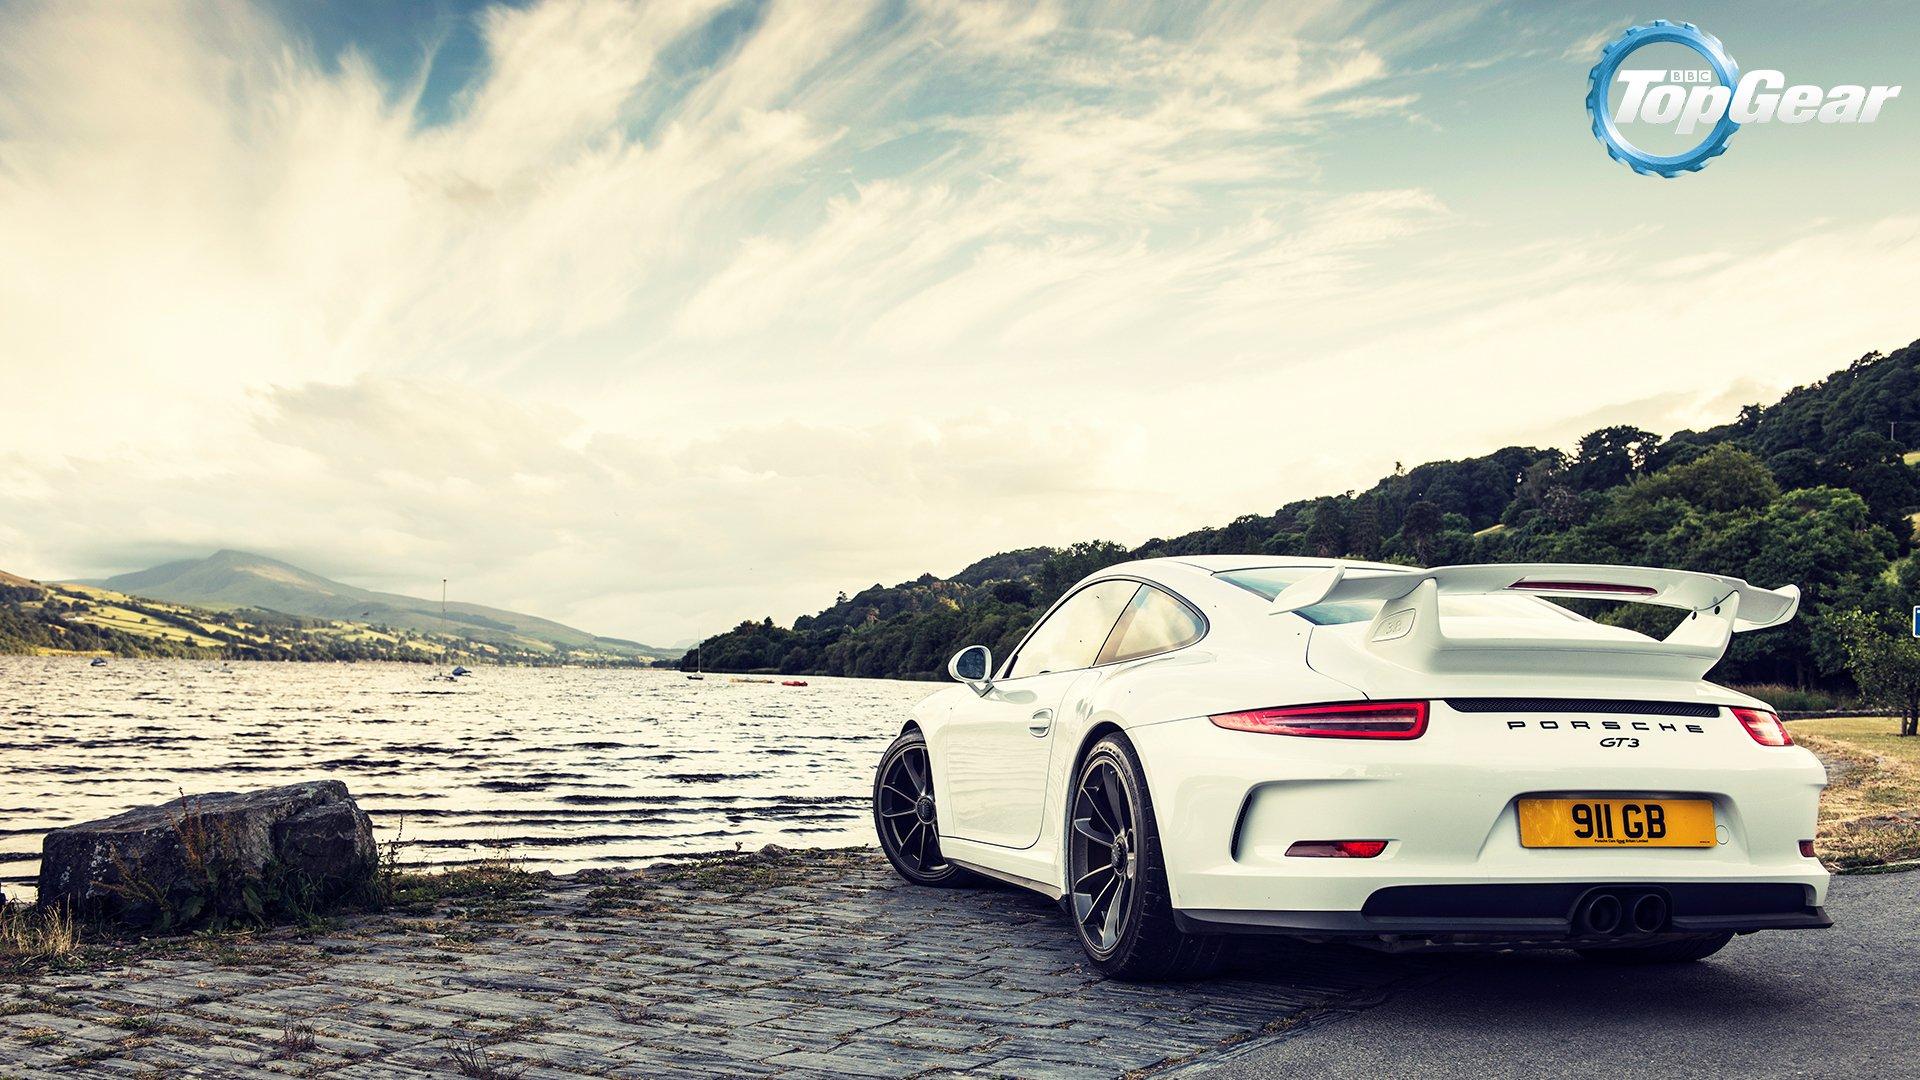 TV Show - Top Gear  Porsche 911 GT3 Wallpaper